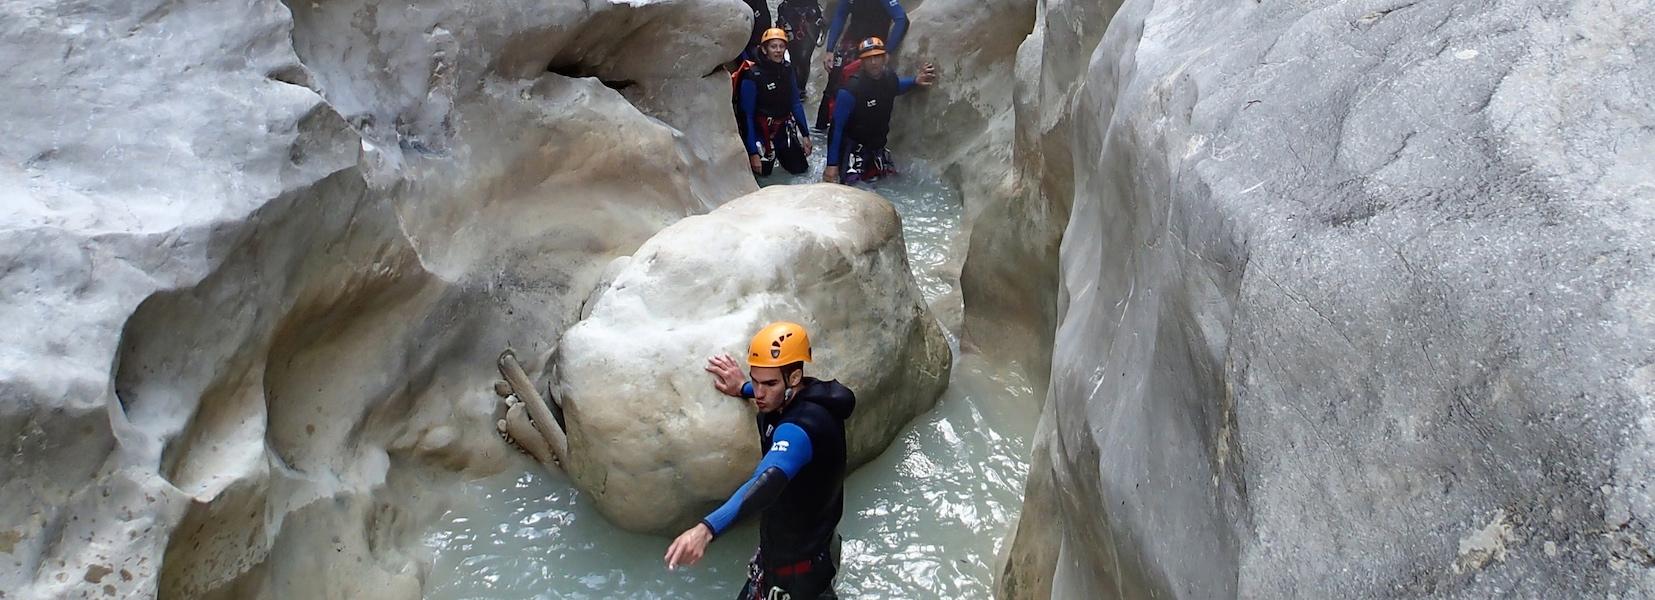 Journée canyoning dans le canyon de Riolan dans les Alpes Maritimes 06.